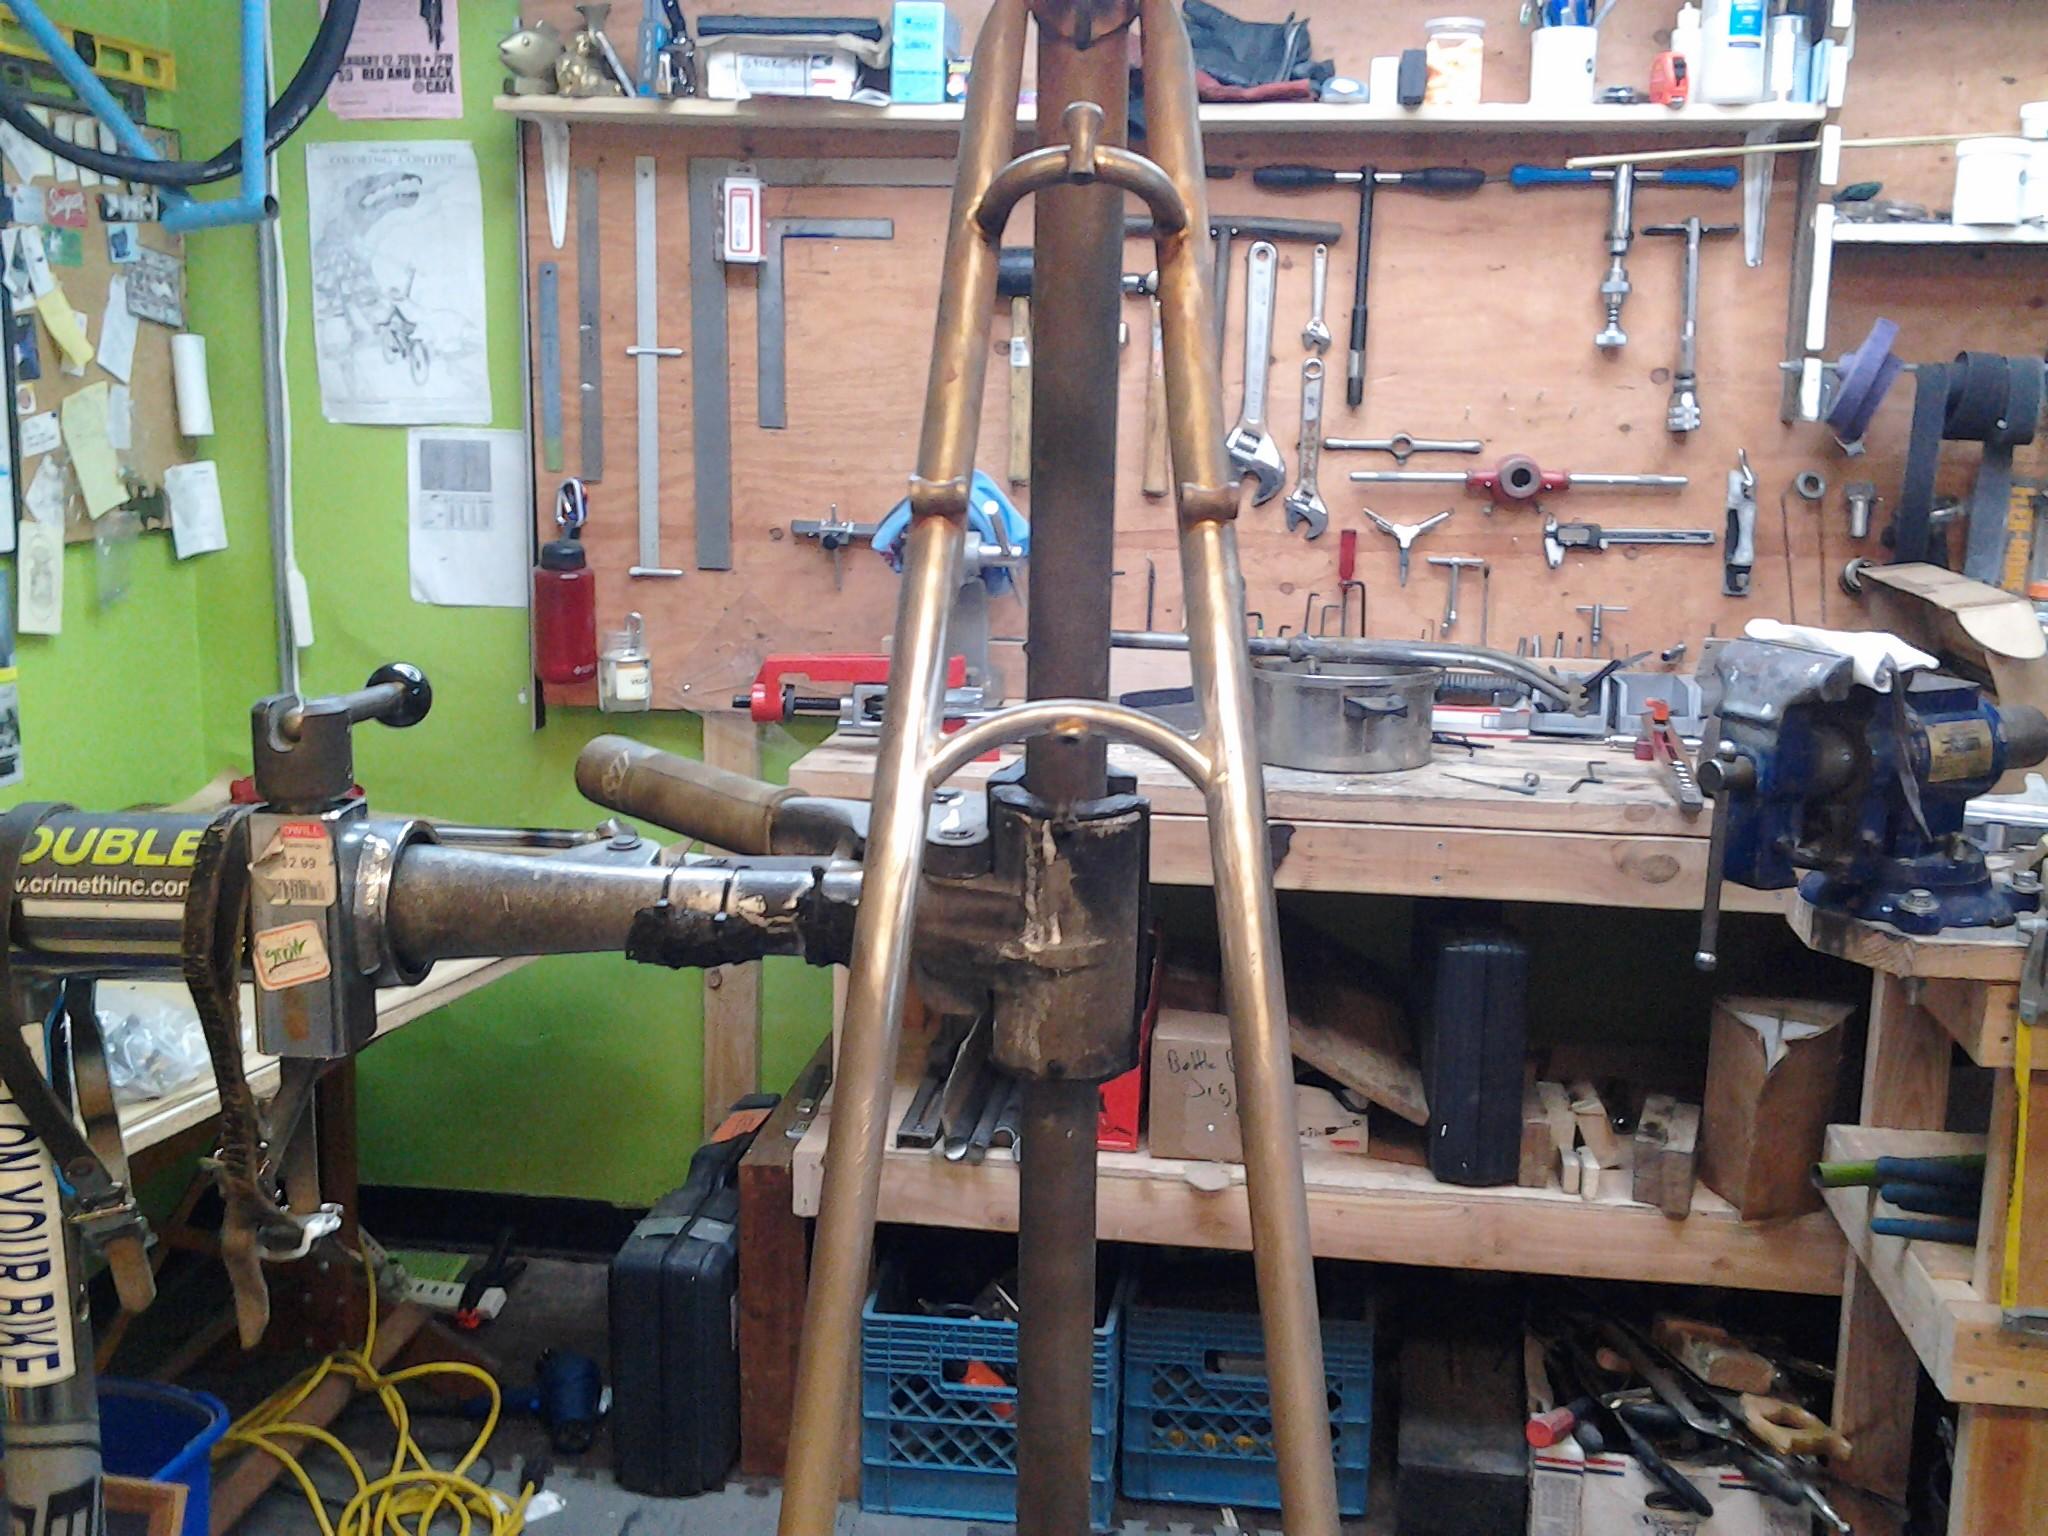 jims bike 093.jpg